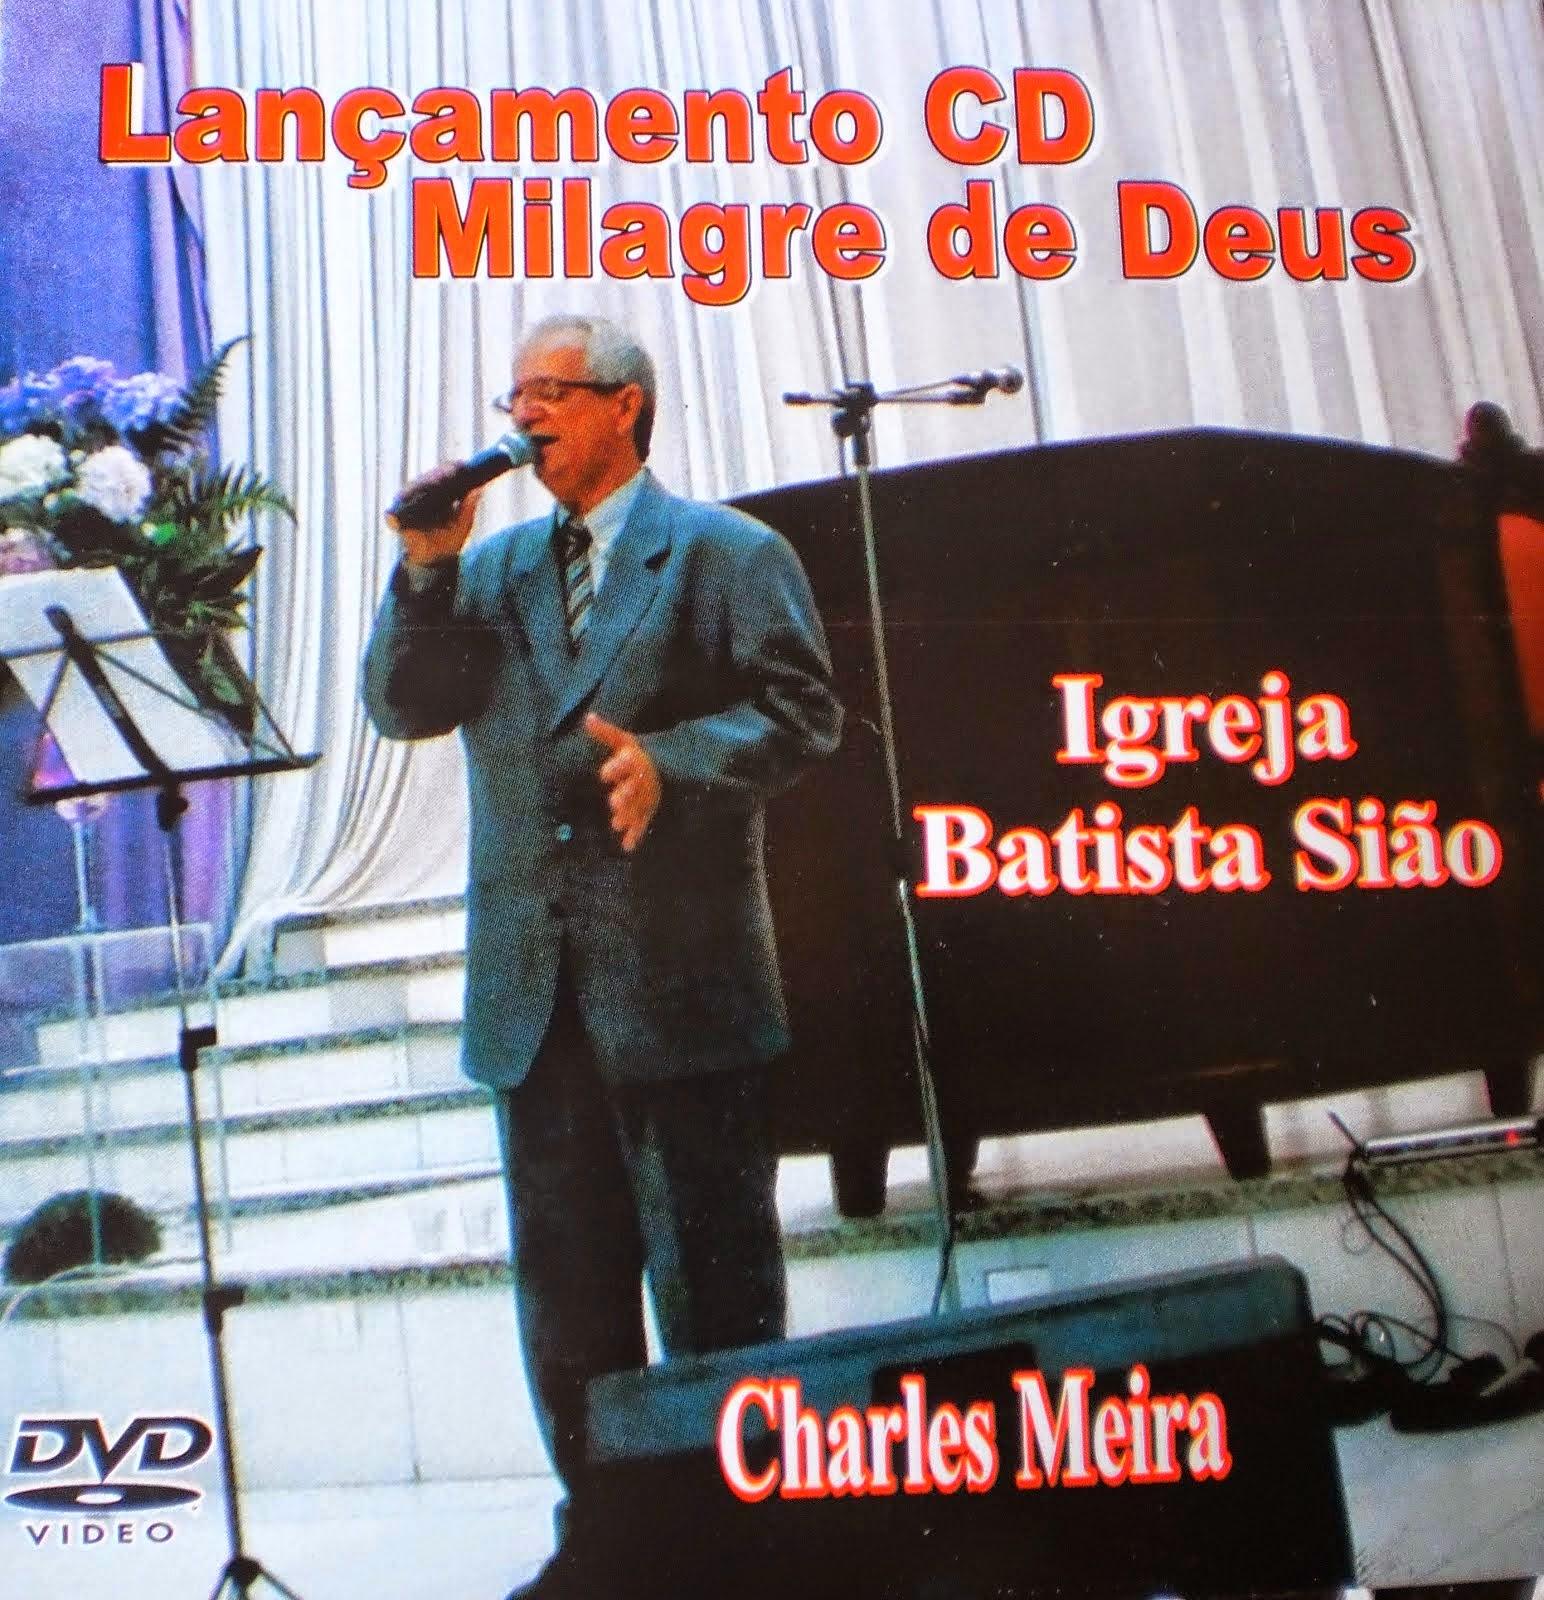 """DVD do lançamento do CD """"Milagre de Deus"""" do cantor Charles Meira na Igreja Batista Sião"""